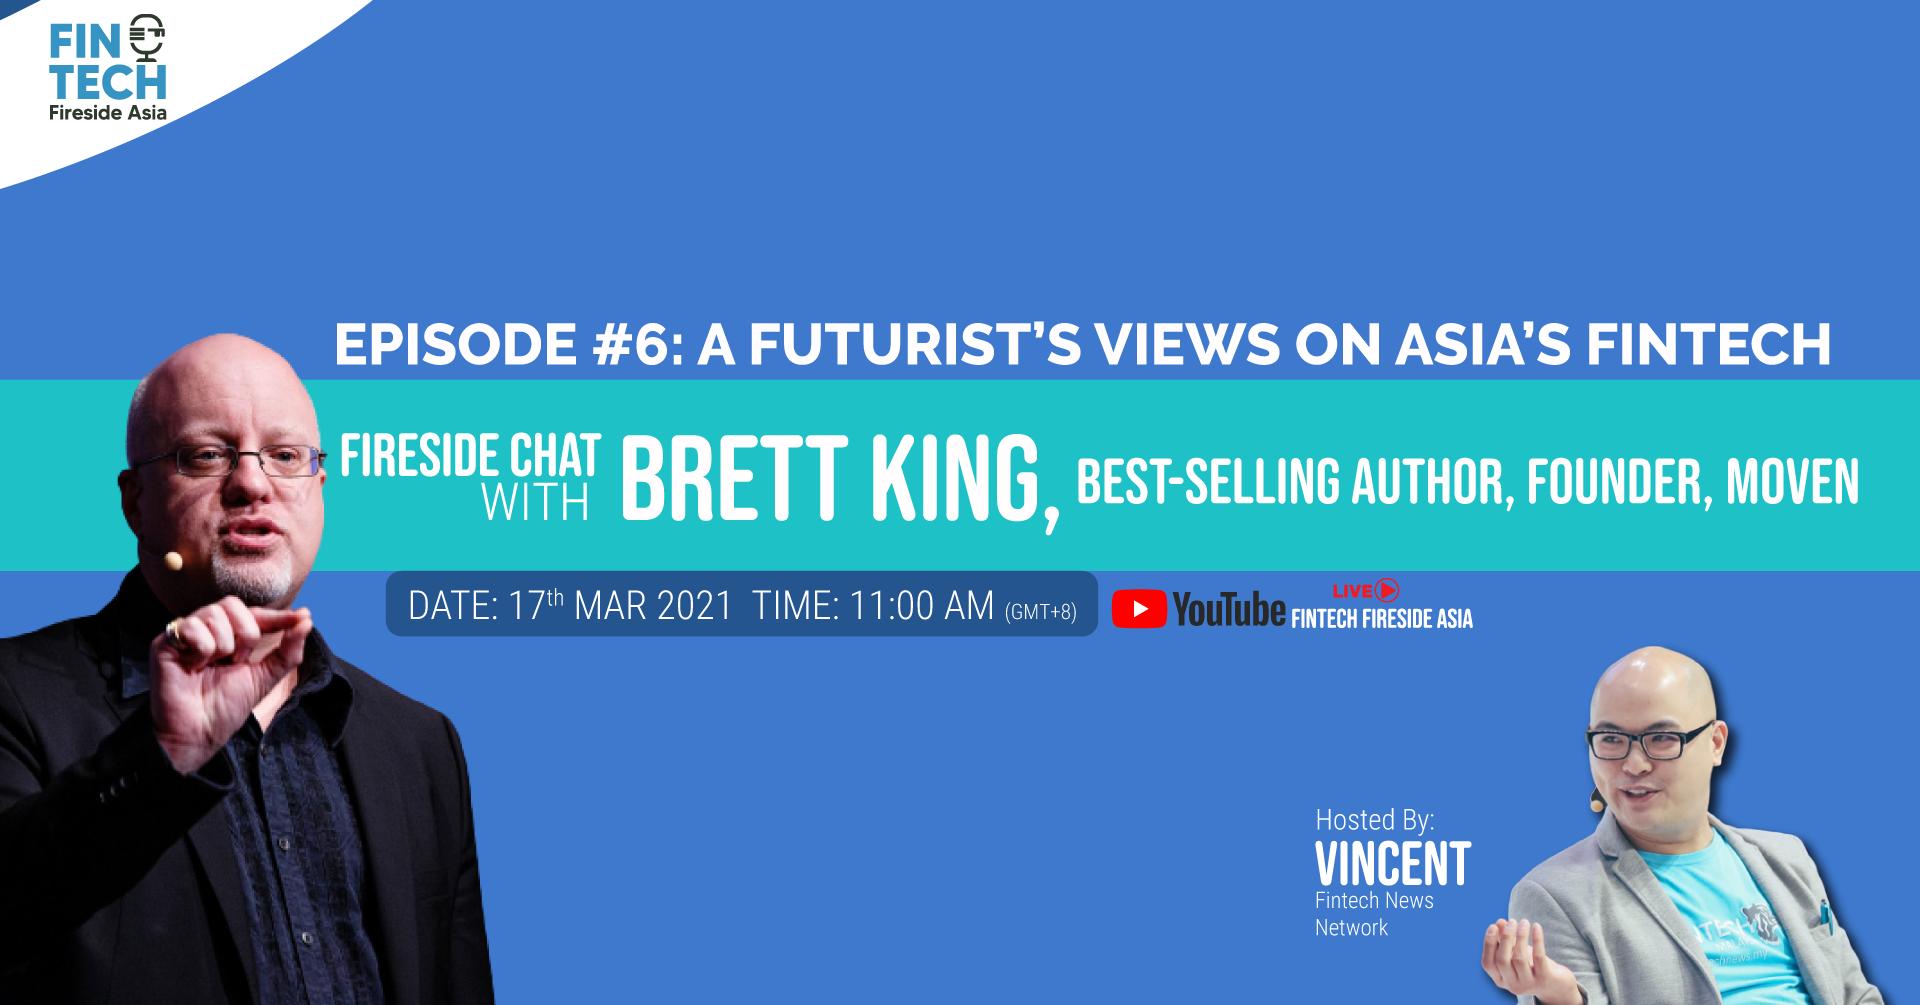 Fintech Fireside Asia Ep #6- A Futurist's Views on Asia's Fintech Scene